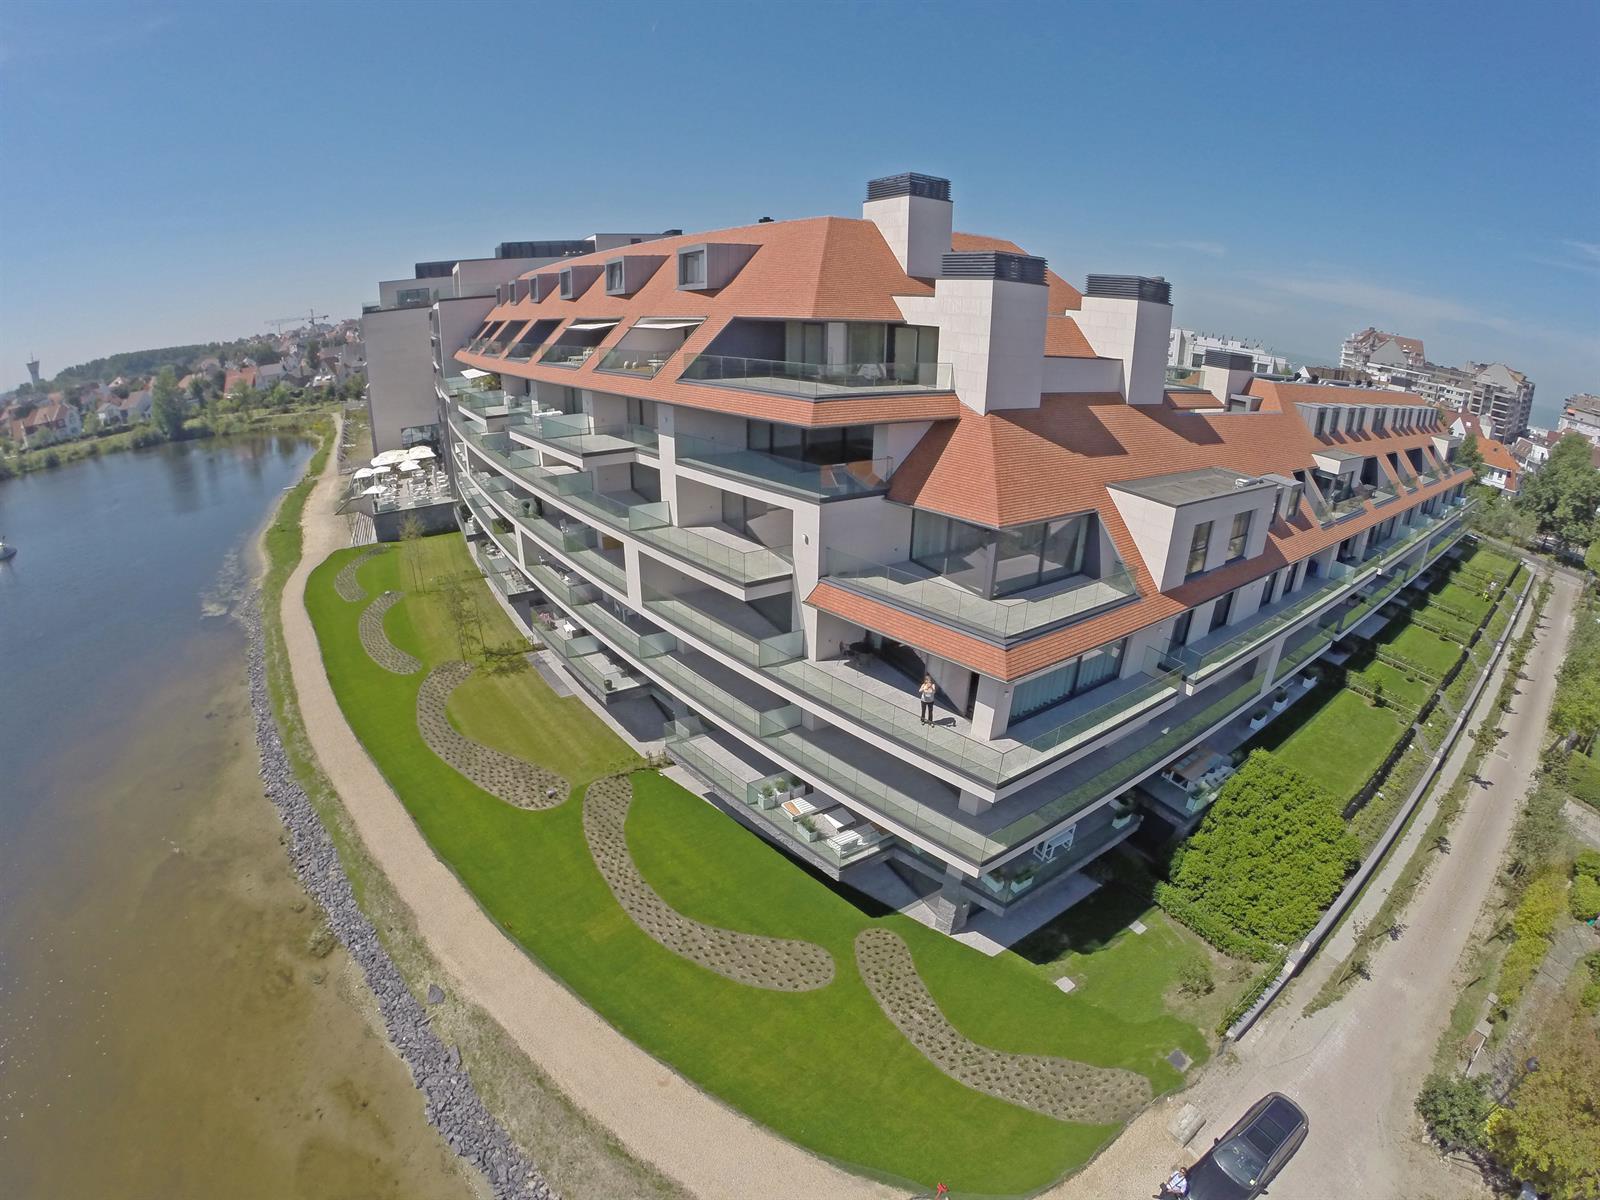 La Réserve - the Residence, Knokke-Heist